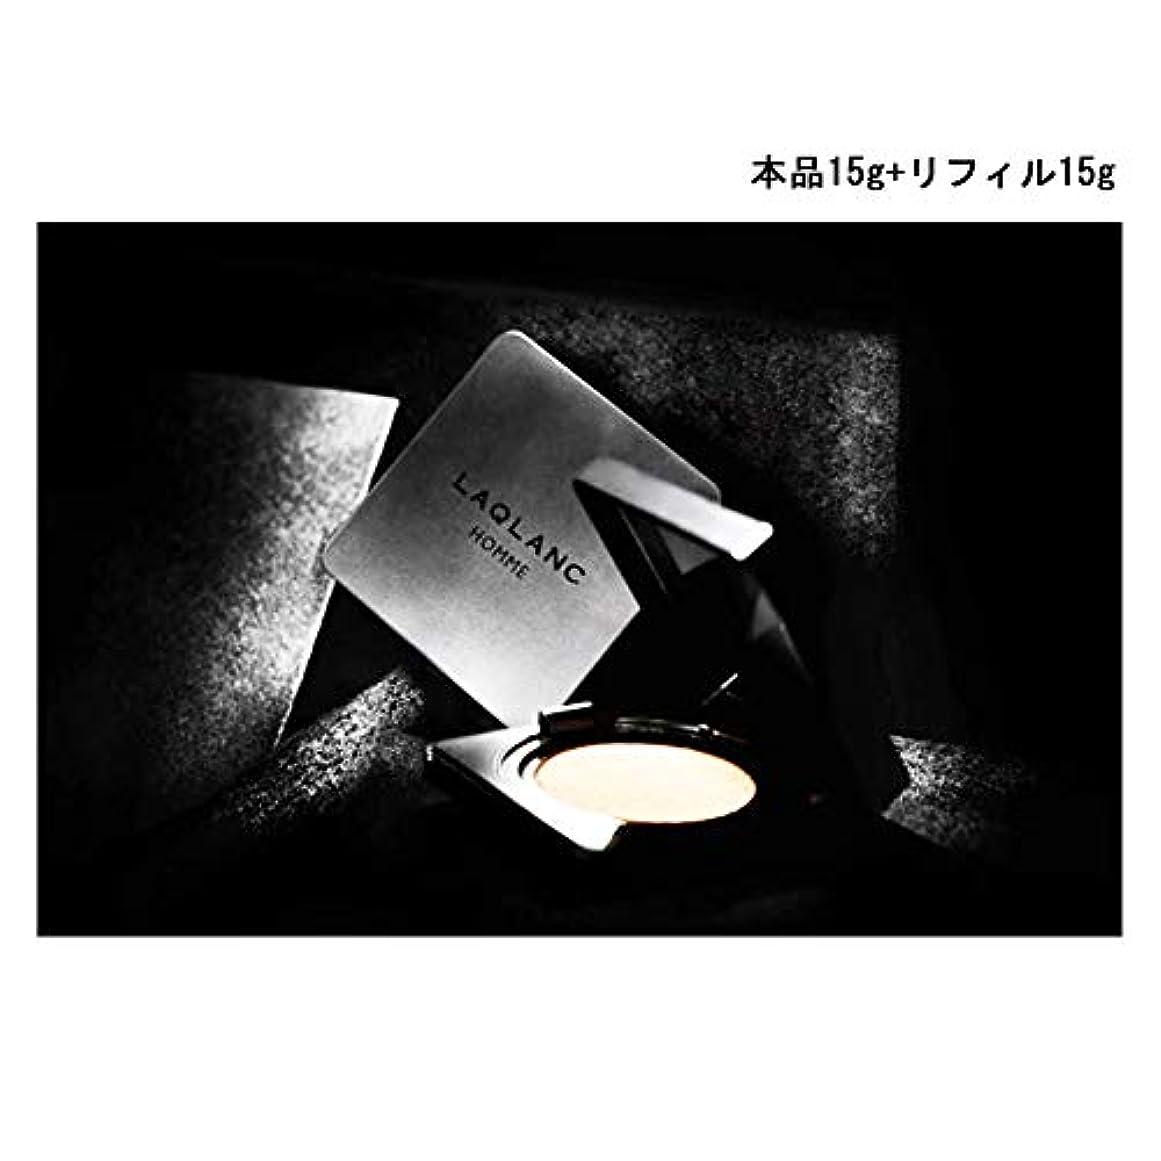 うるさいフィードオン愛する(Laqlanc)大人気 10秒完成 ナチュラル 肌色アップ 紫外線遮断 ホワイトニング 男性 エアクッション 15g +リフィル 15g [海外配送品] [並行輸入品]